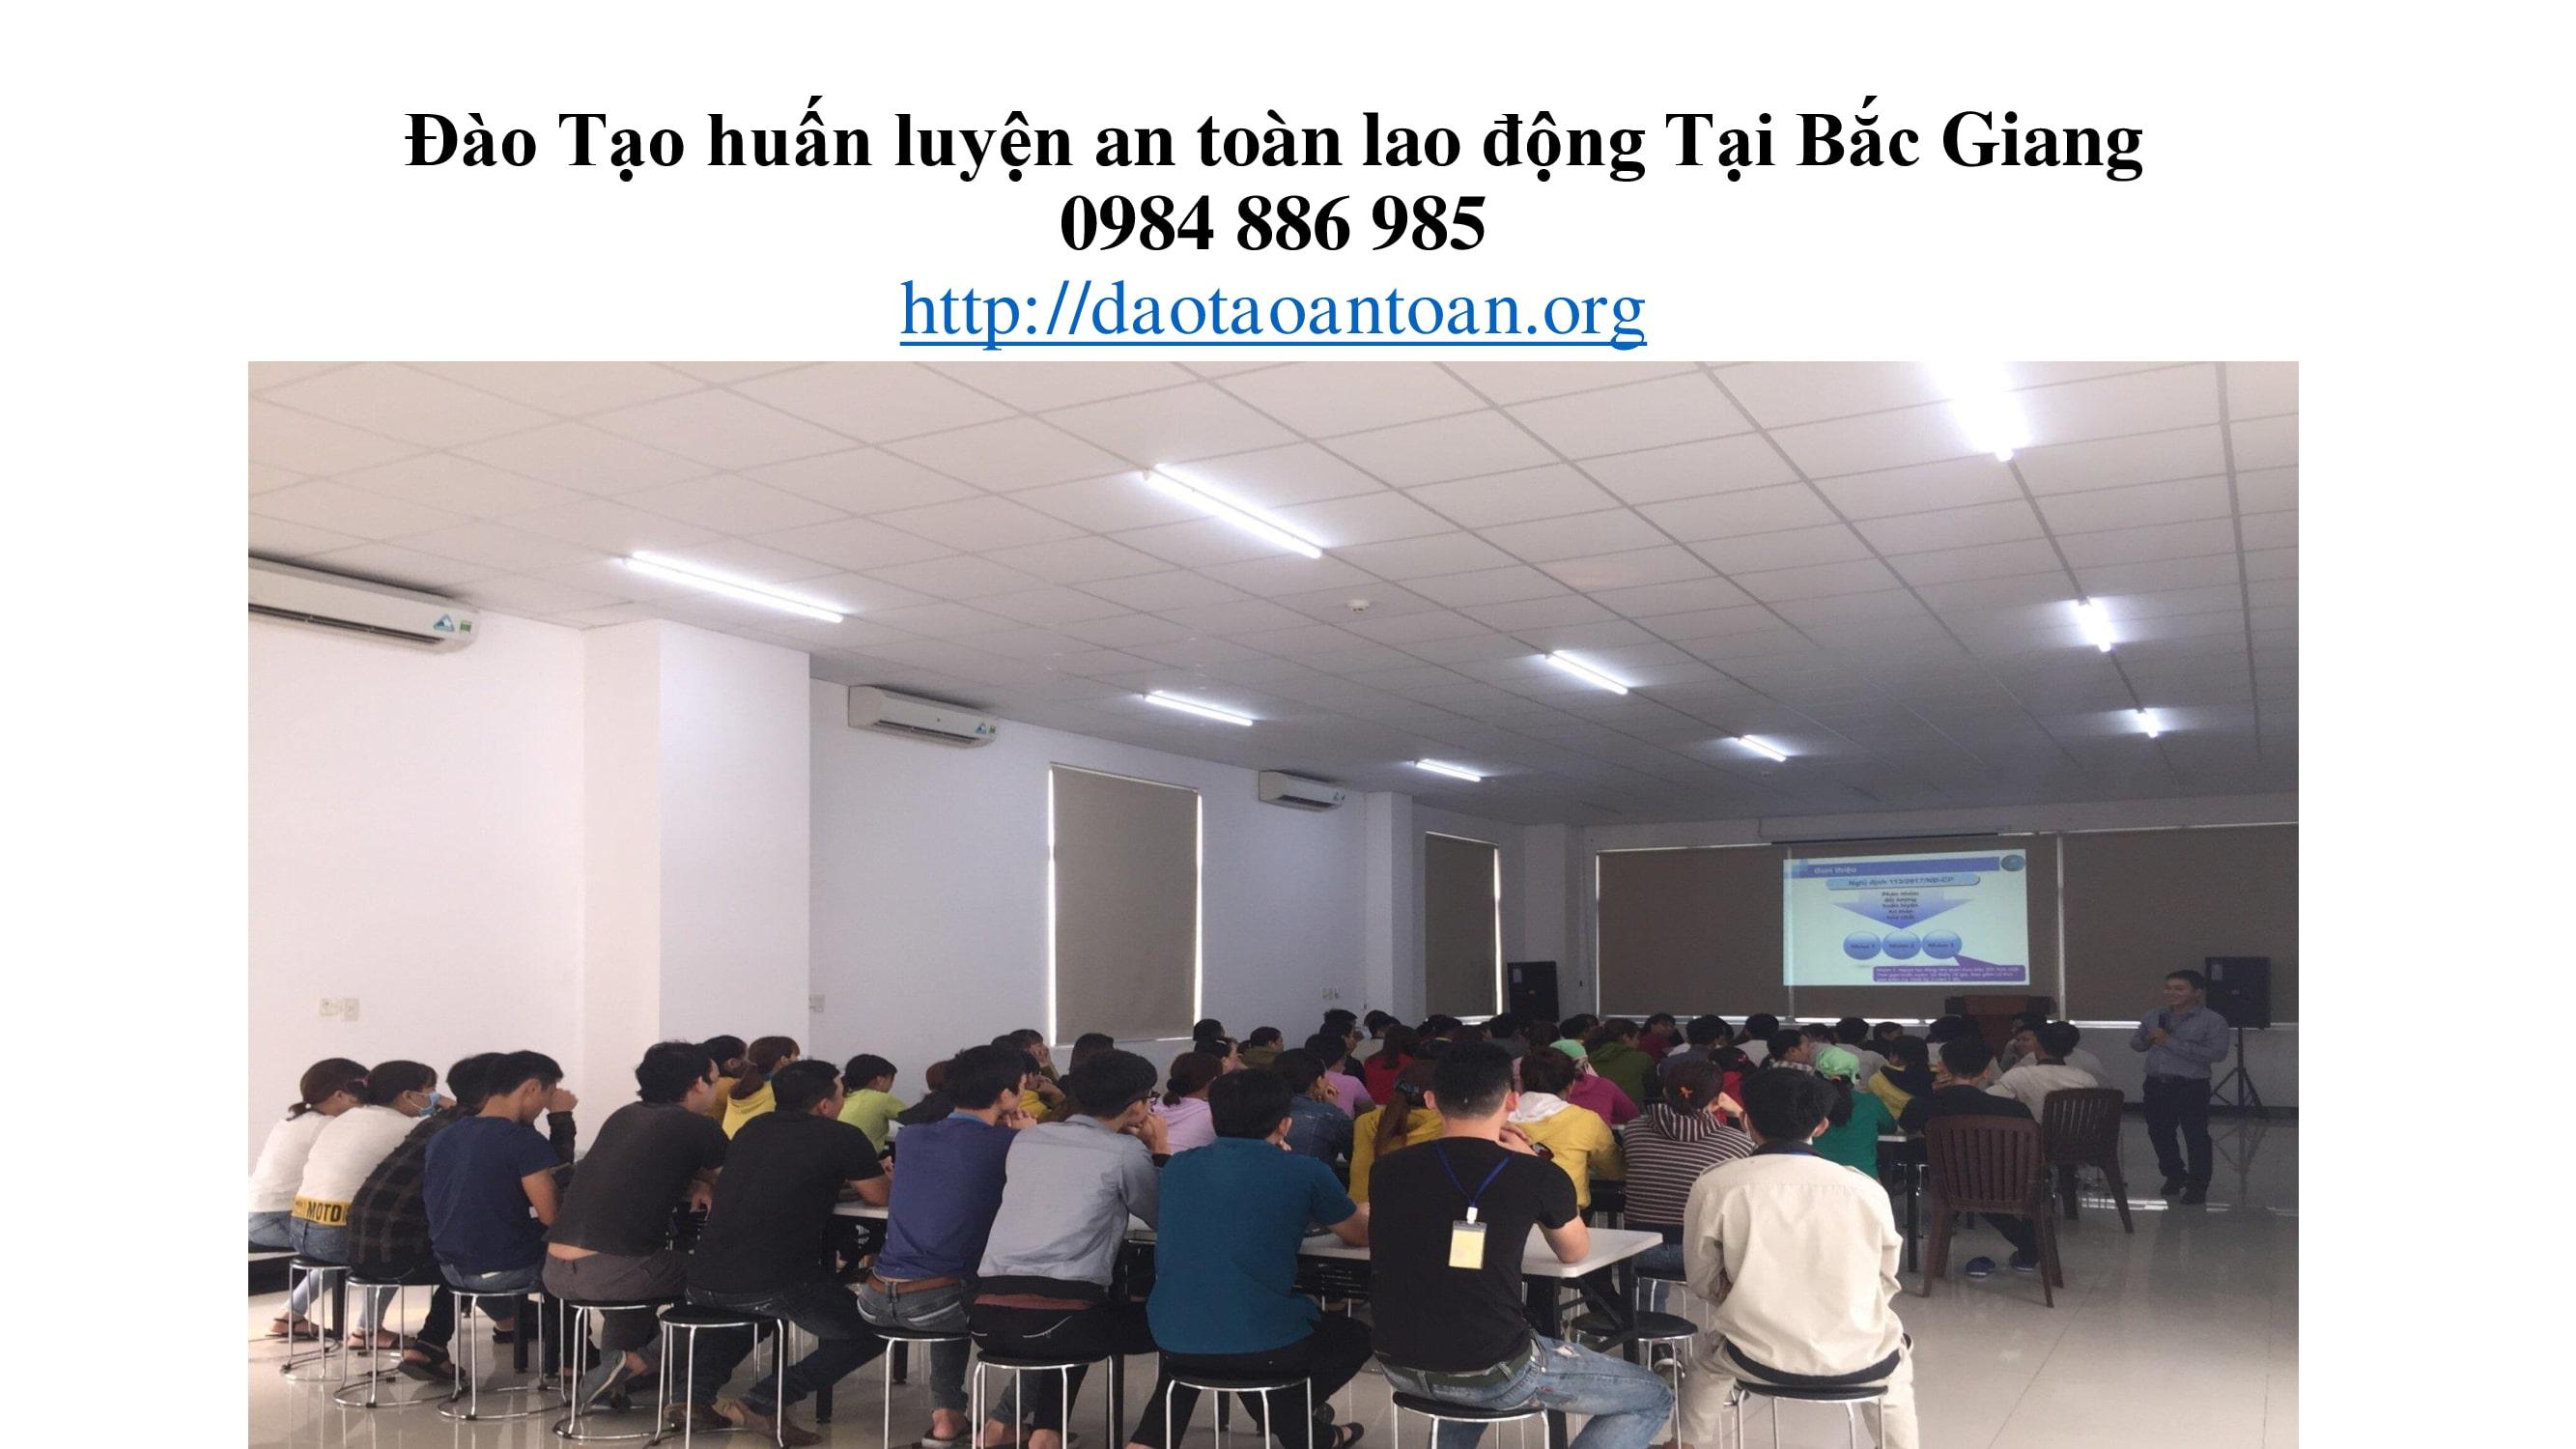 Đào tạo huấn luyện an toàn lao động tại Bắc Giang